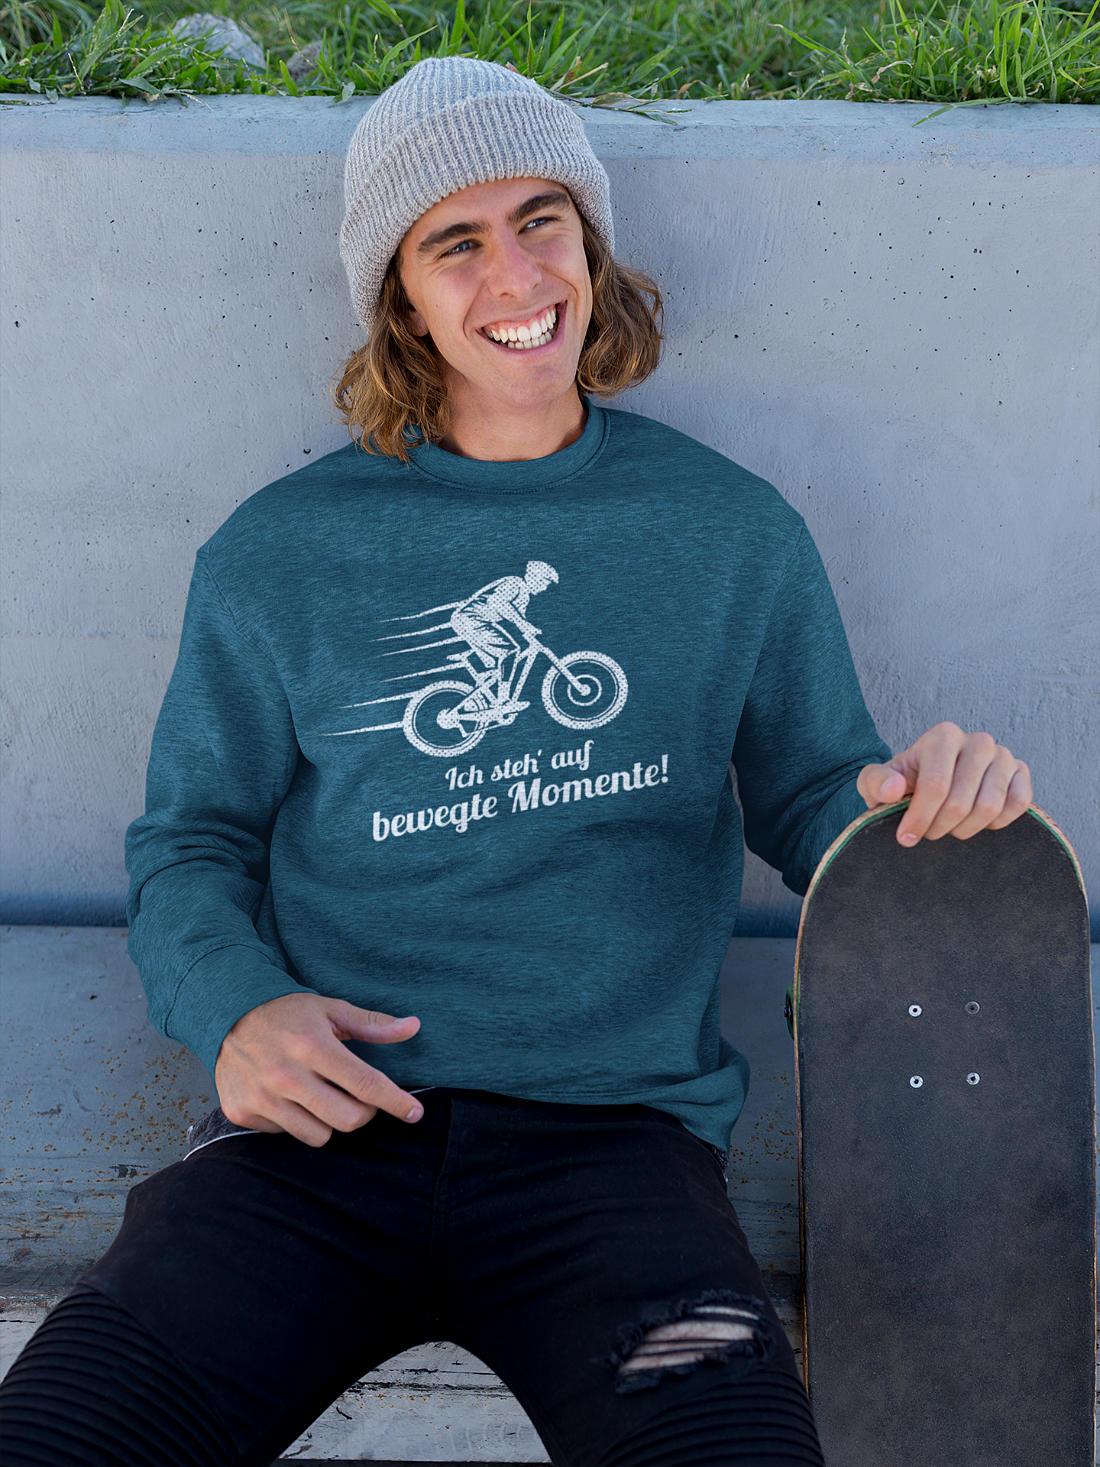 Fahrrad T-Shirts_Ich_steh_auf_bewegte_Momente